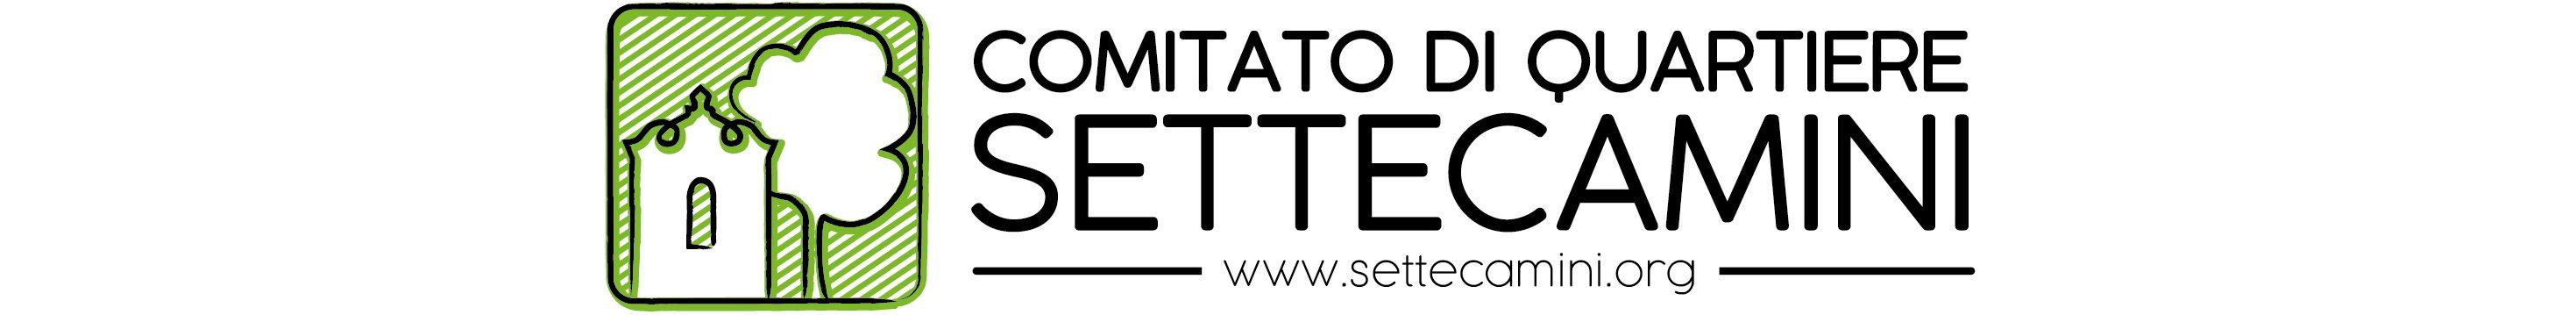 Settecamini.org